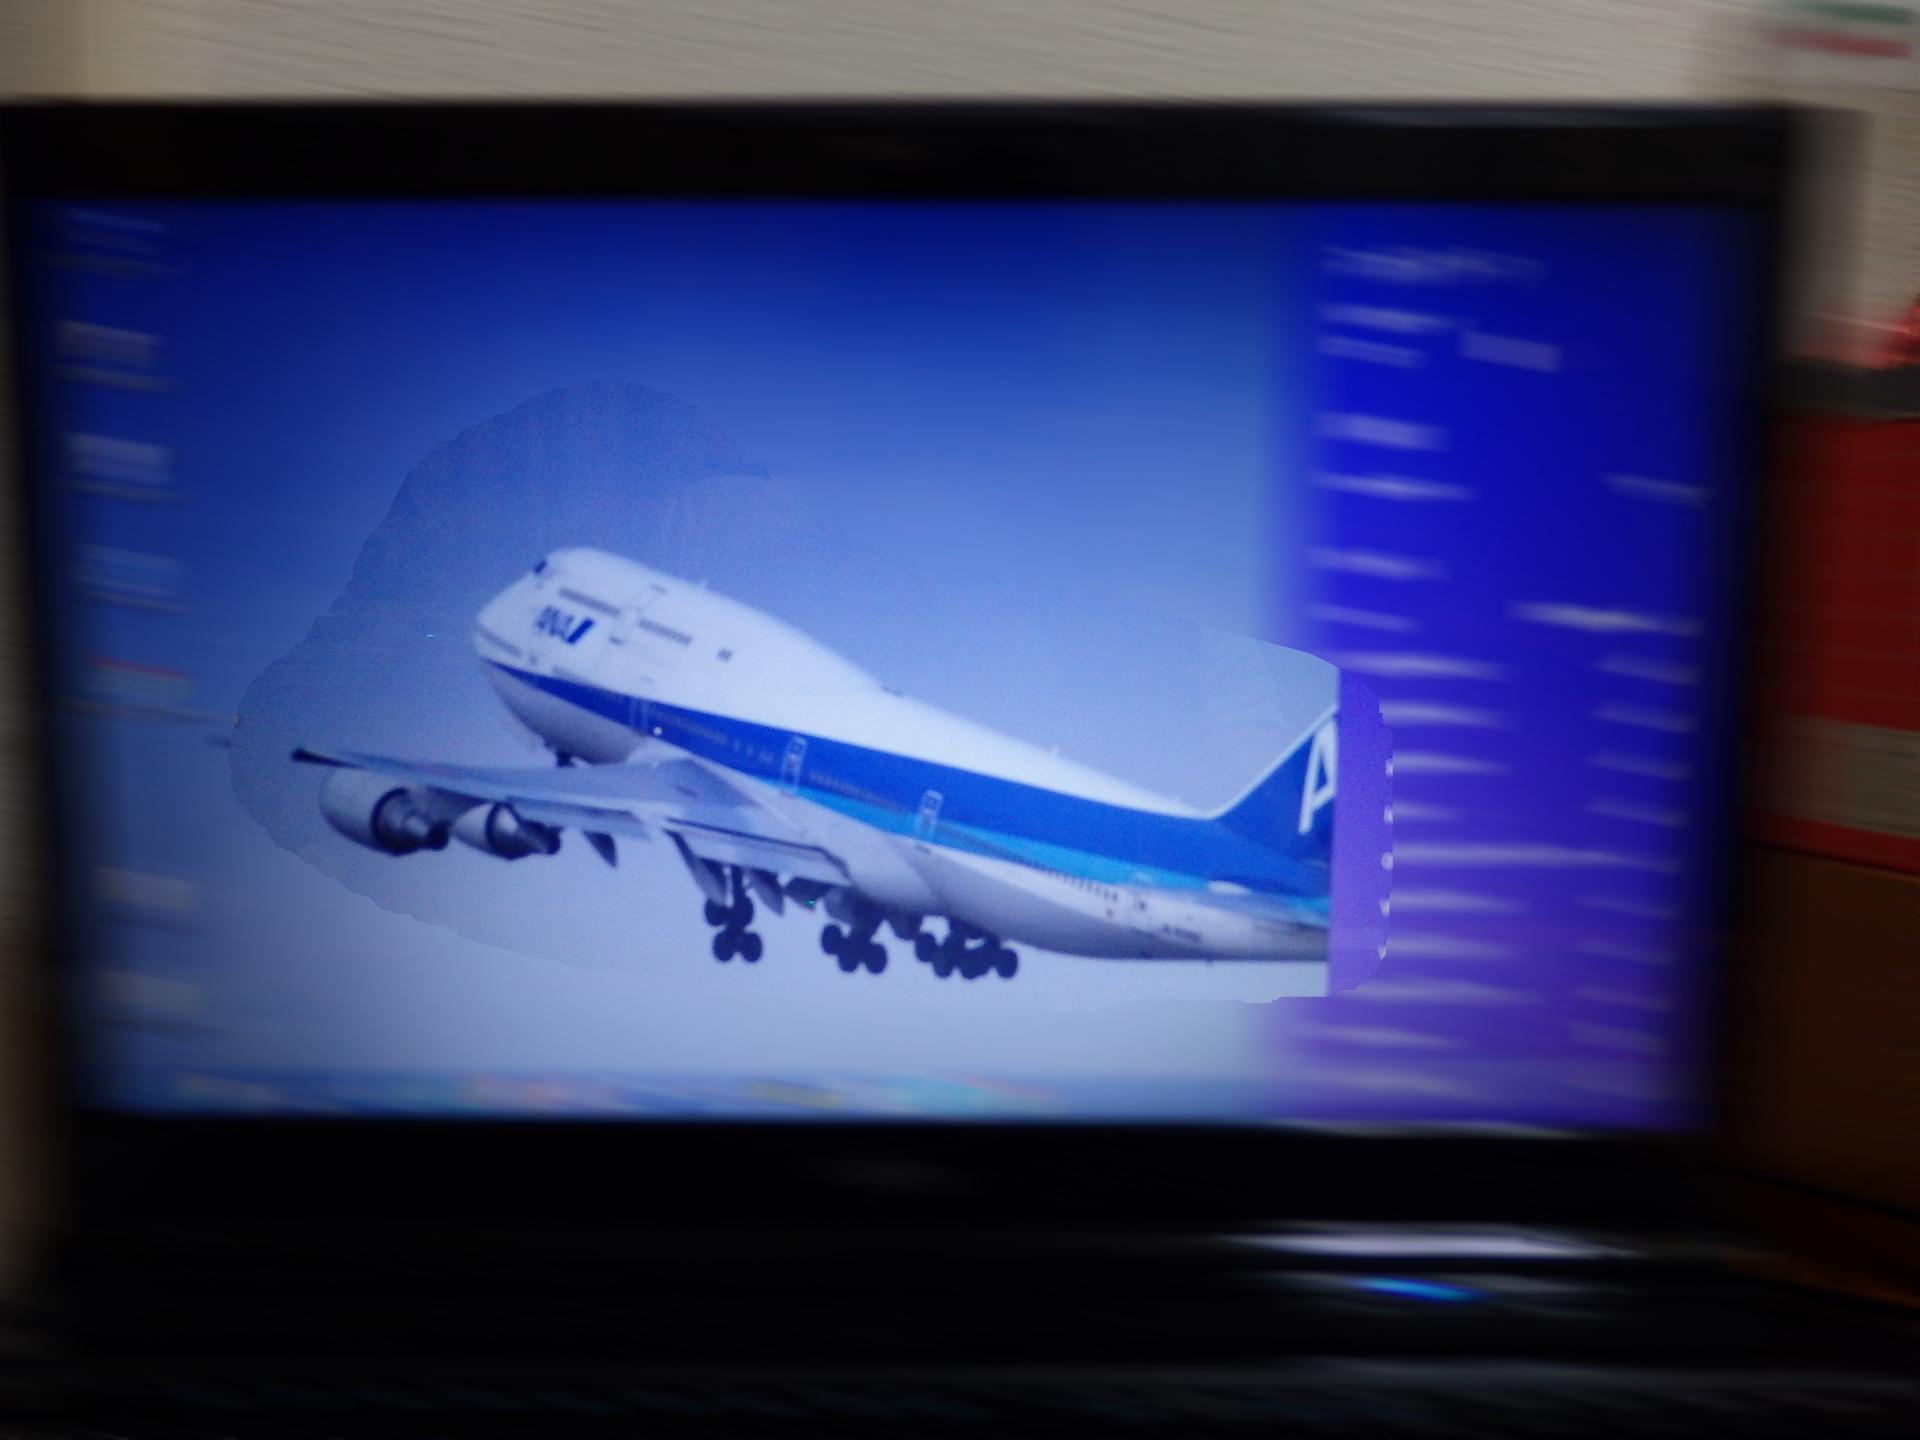 CORE-i7とは思えないほどノロマな富士通のノートPCです。